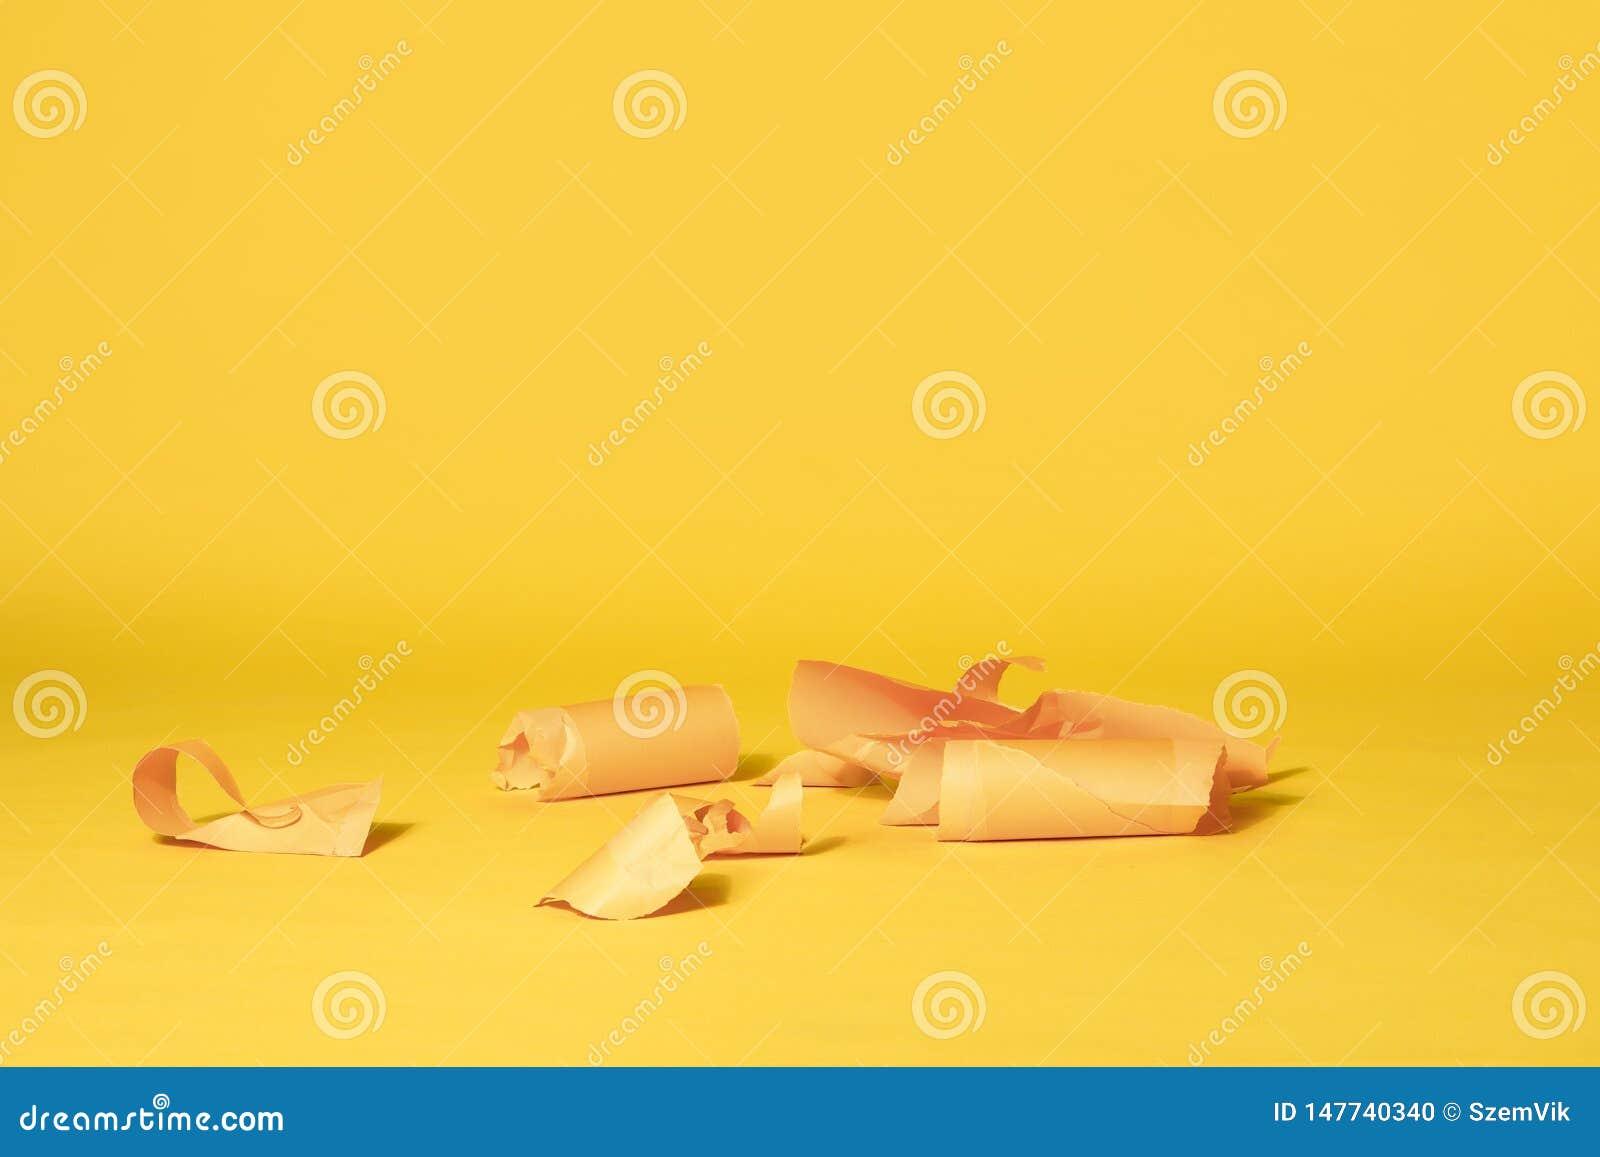 Rayures de papier jaune sur le fond sans couture jaune vibrant